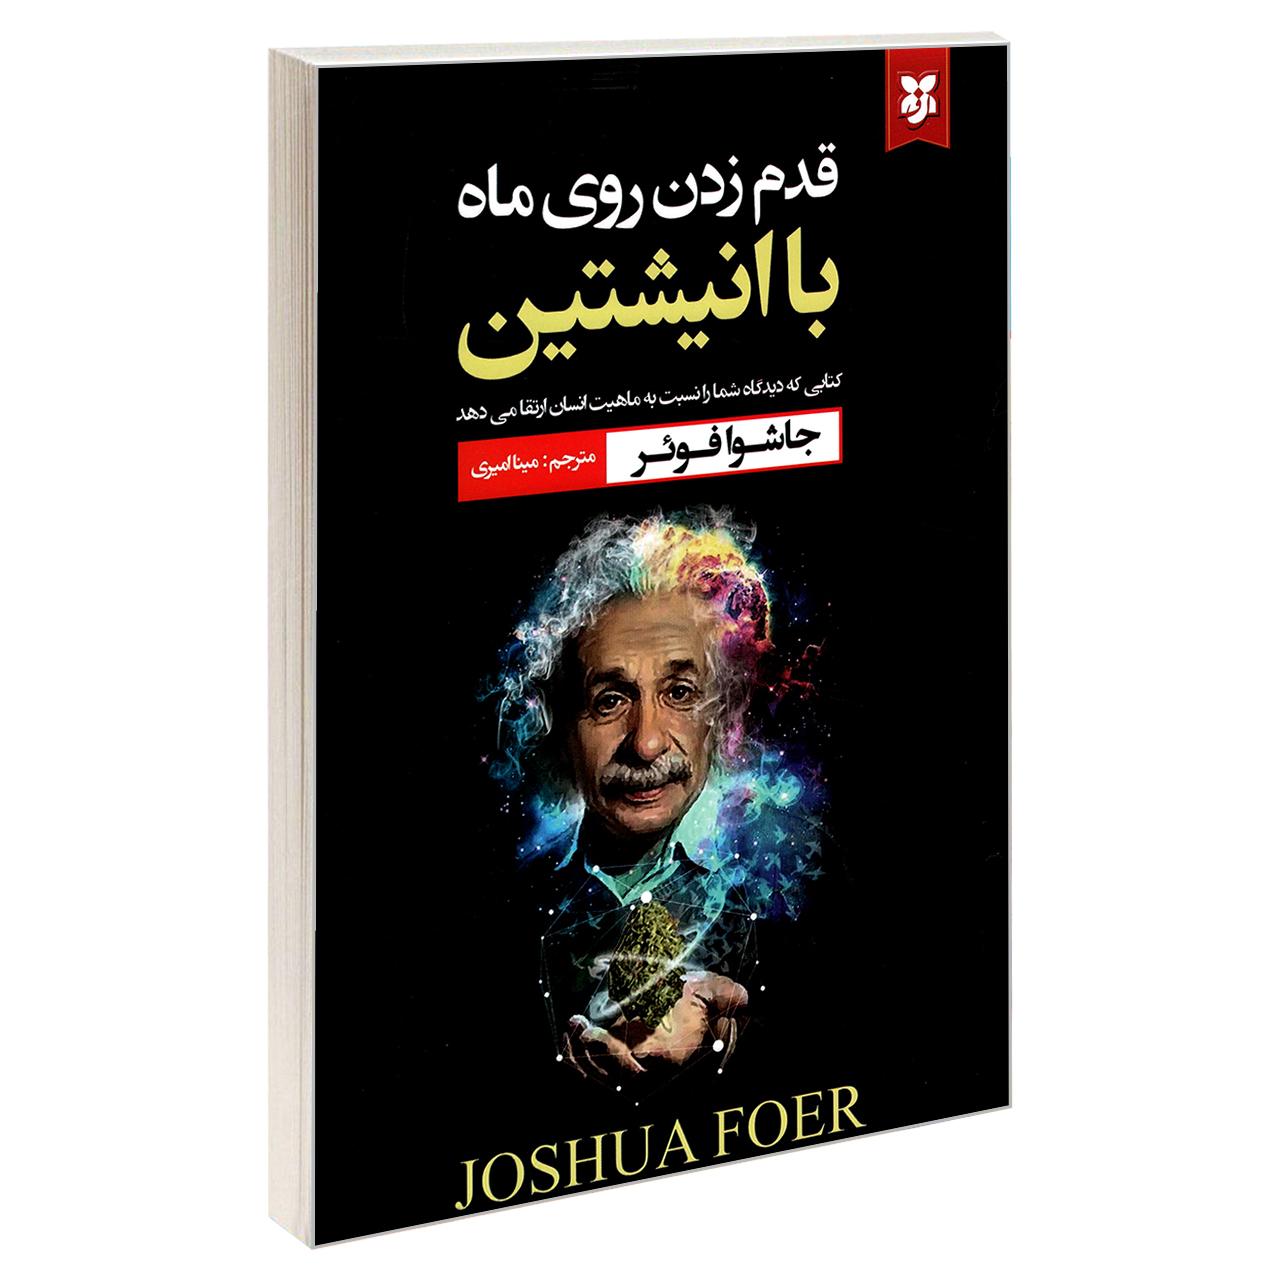 کتاب قدم زدن روی ماه با انیشتین؛ کتابی که دیدگاه شما را نسبت به ماهیت انسان ارتقا می دهد اثر جاشوا فوئر نشر نیک فرجام